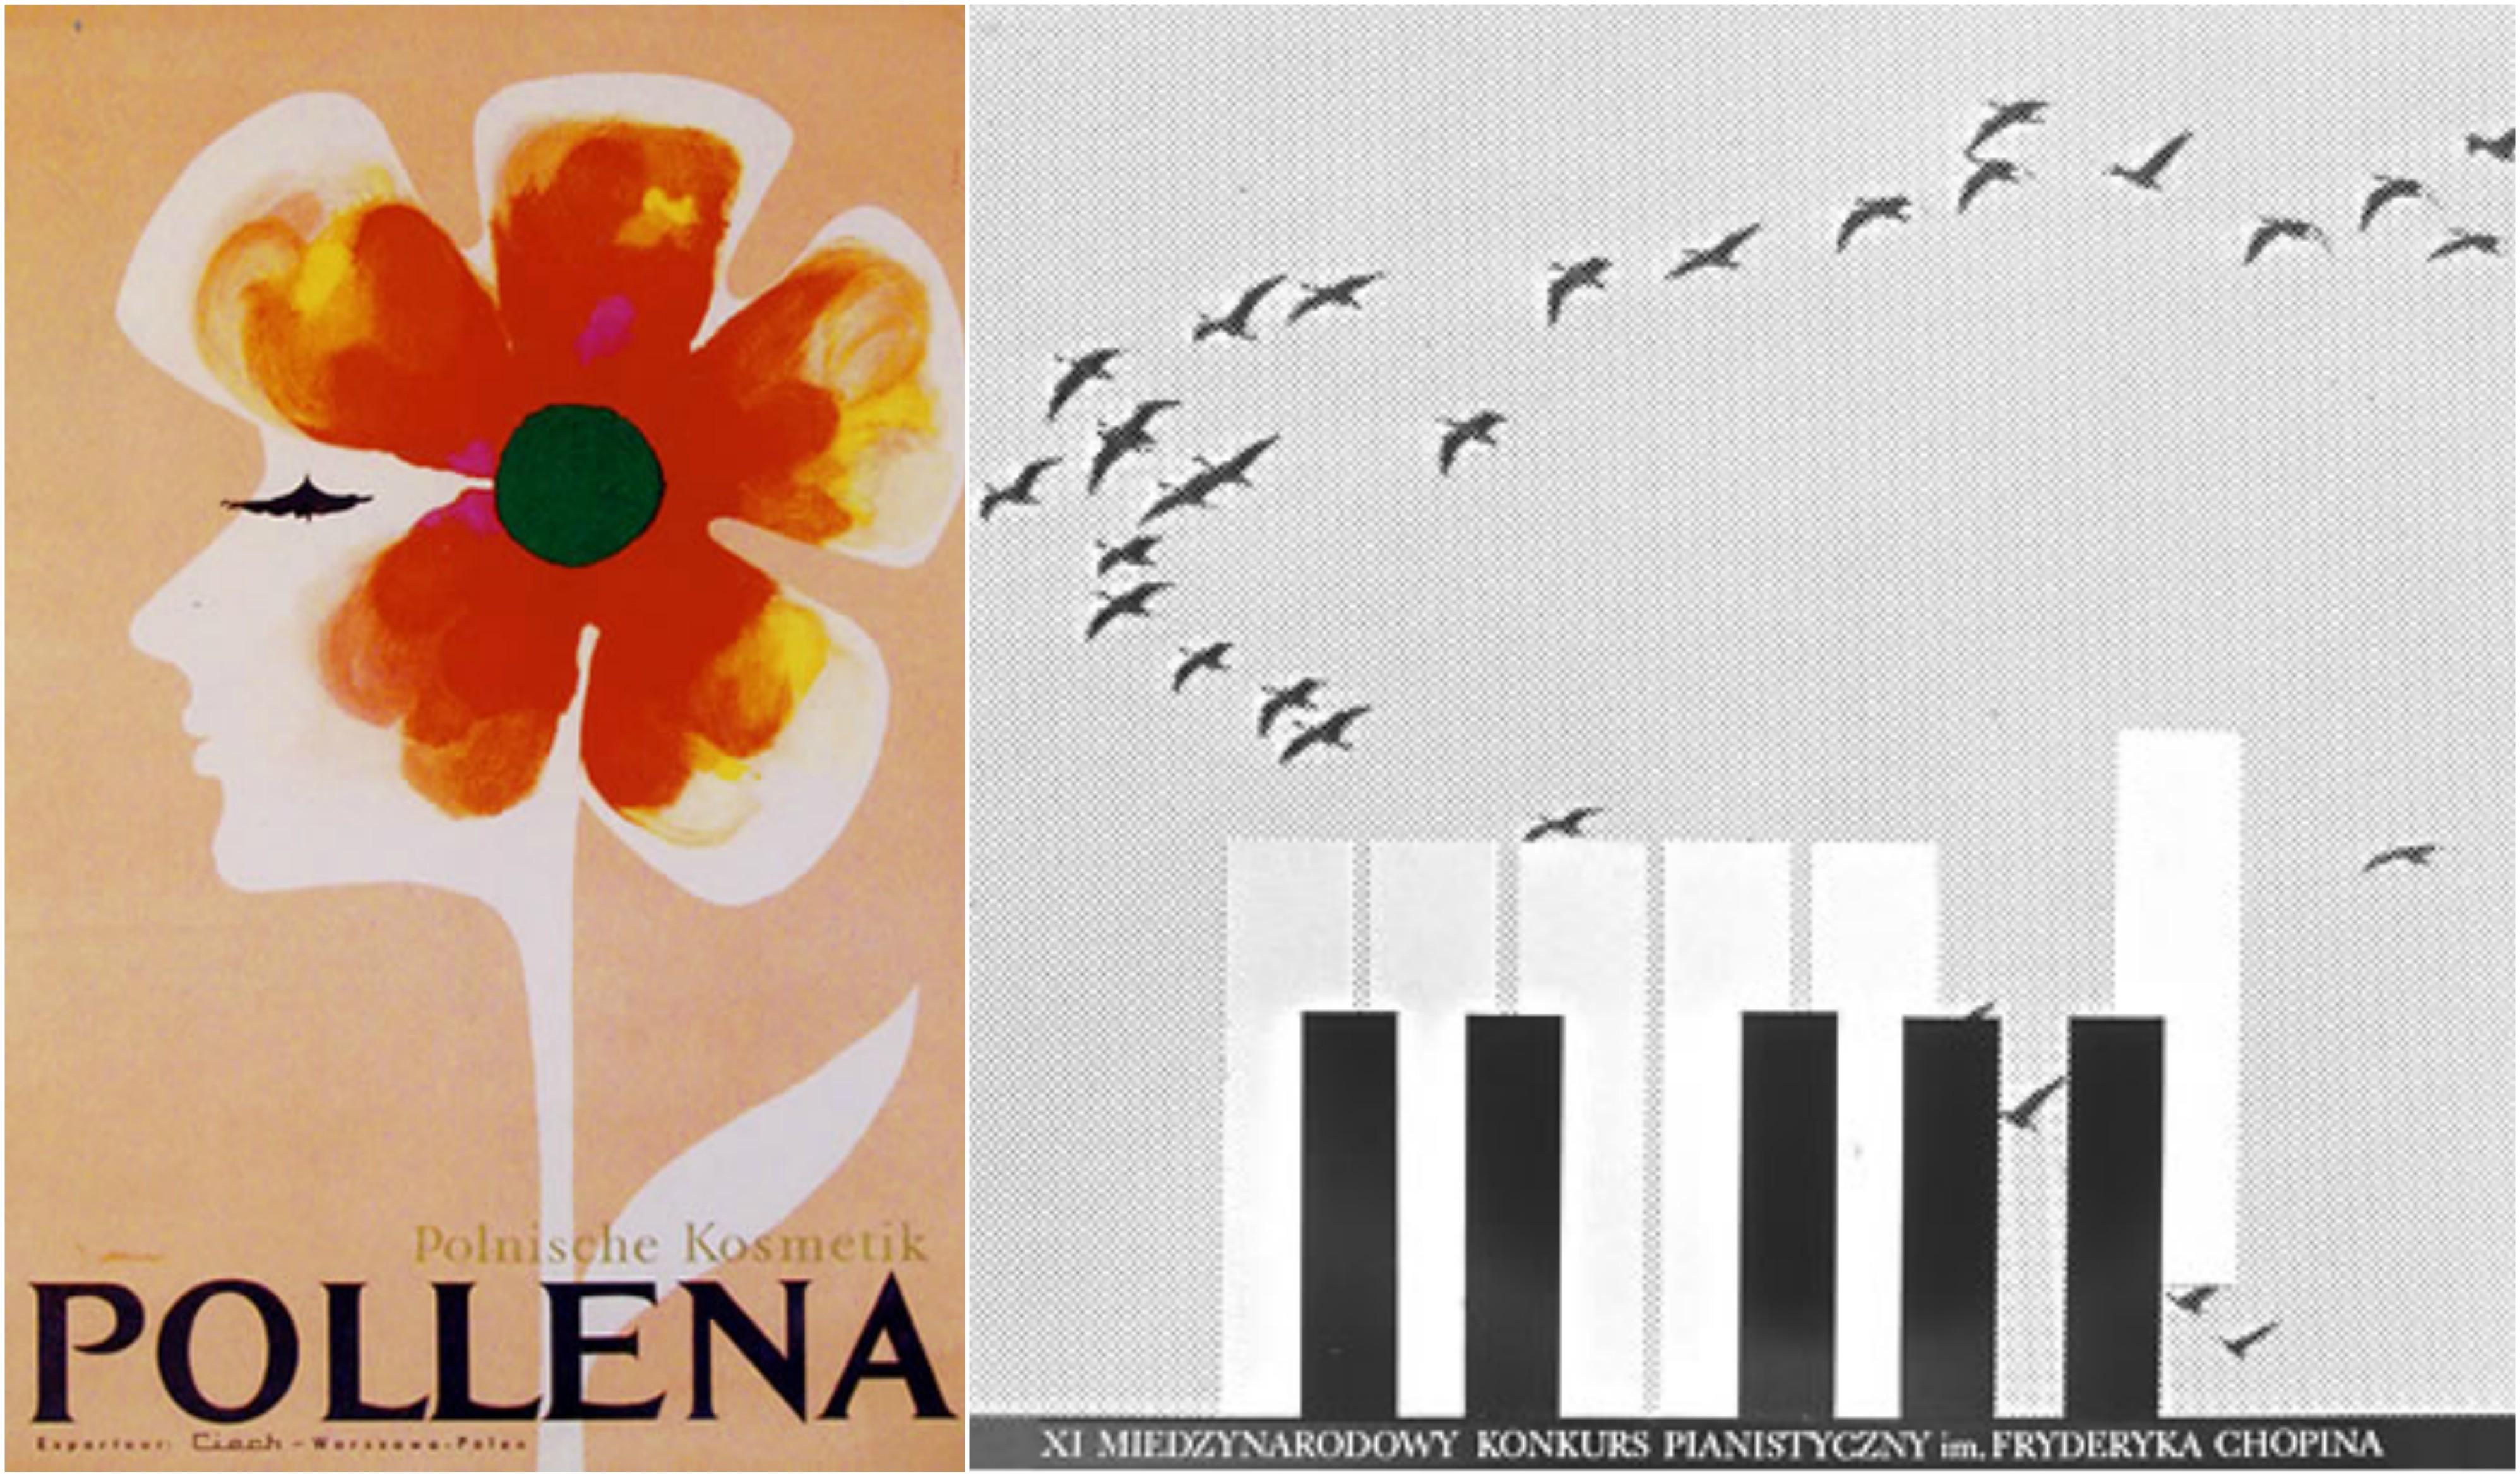 Plakaty zaprojektowane przez Karola Śliwkę (fot. archiwum prywatne)